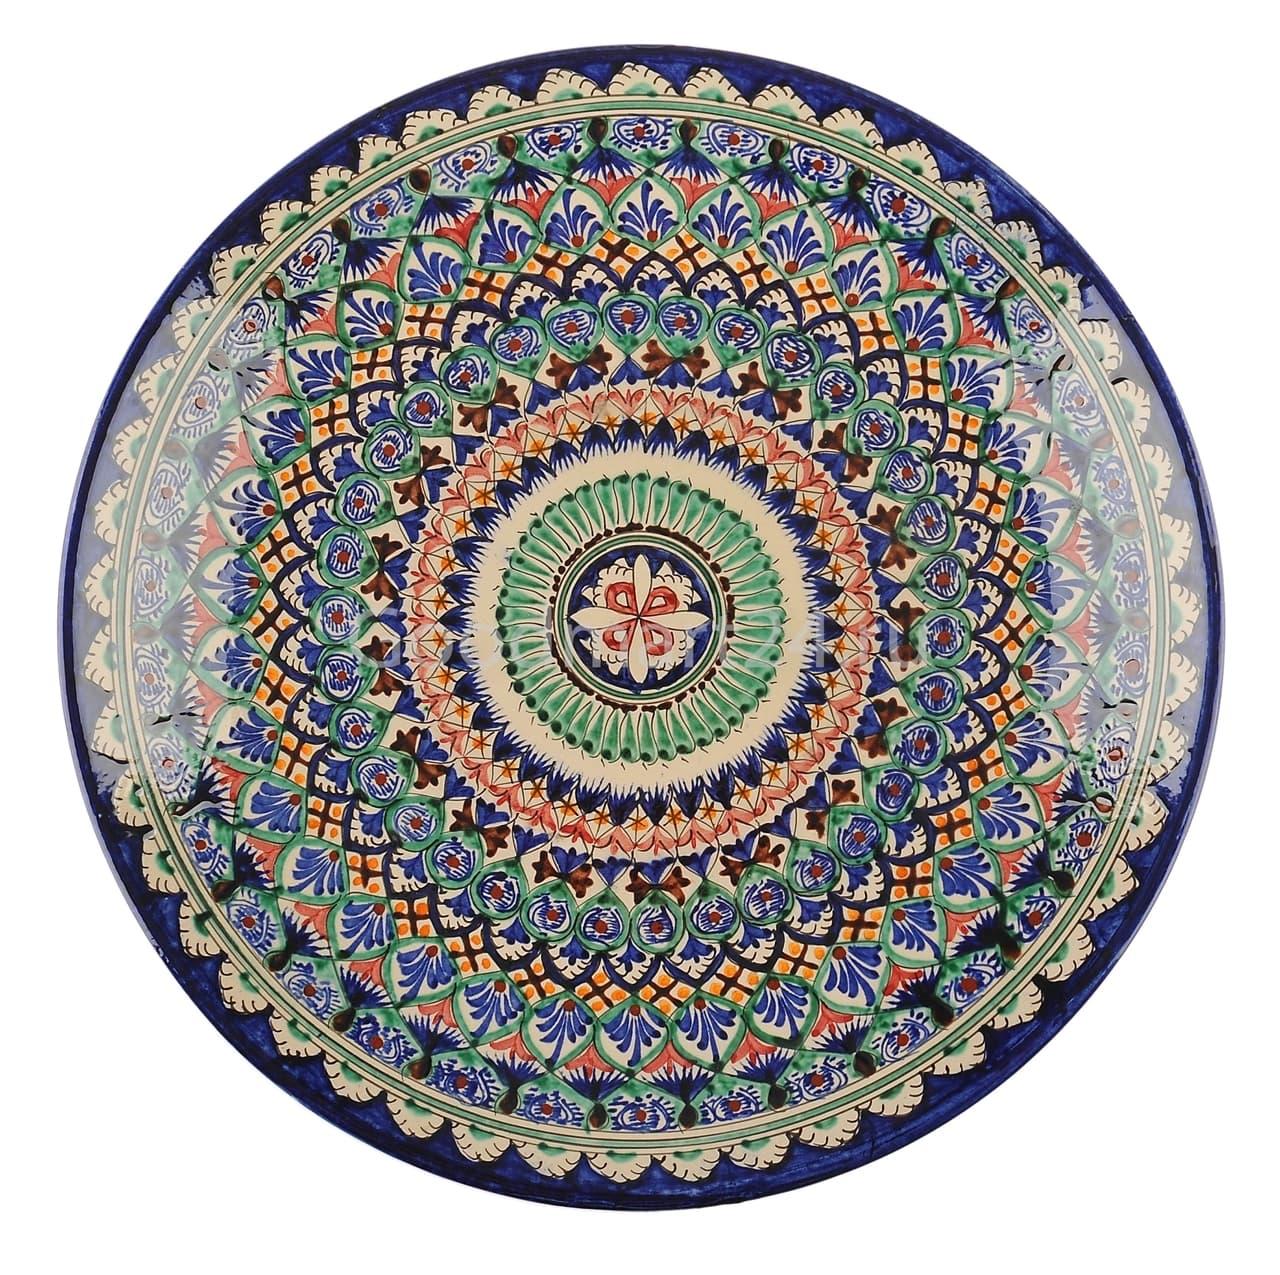 Ляган Риштанская Керамика 34 см. плоский, синий - фото 7322